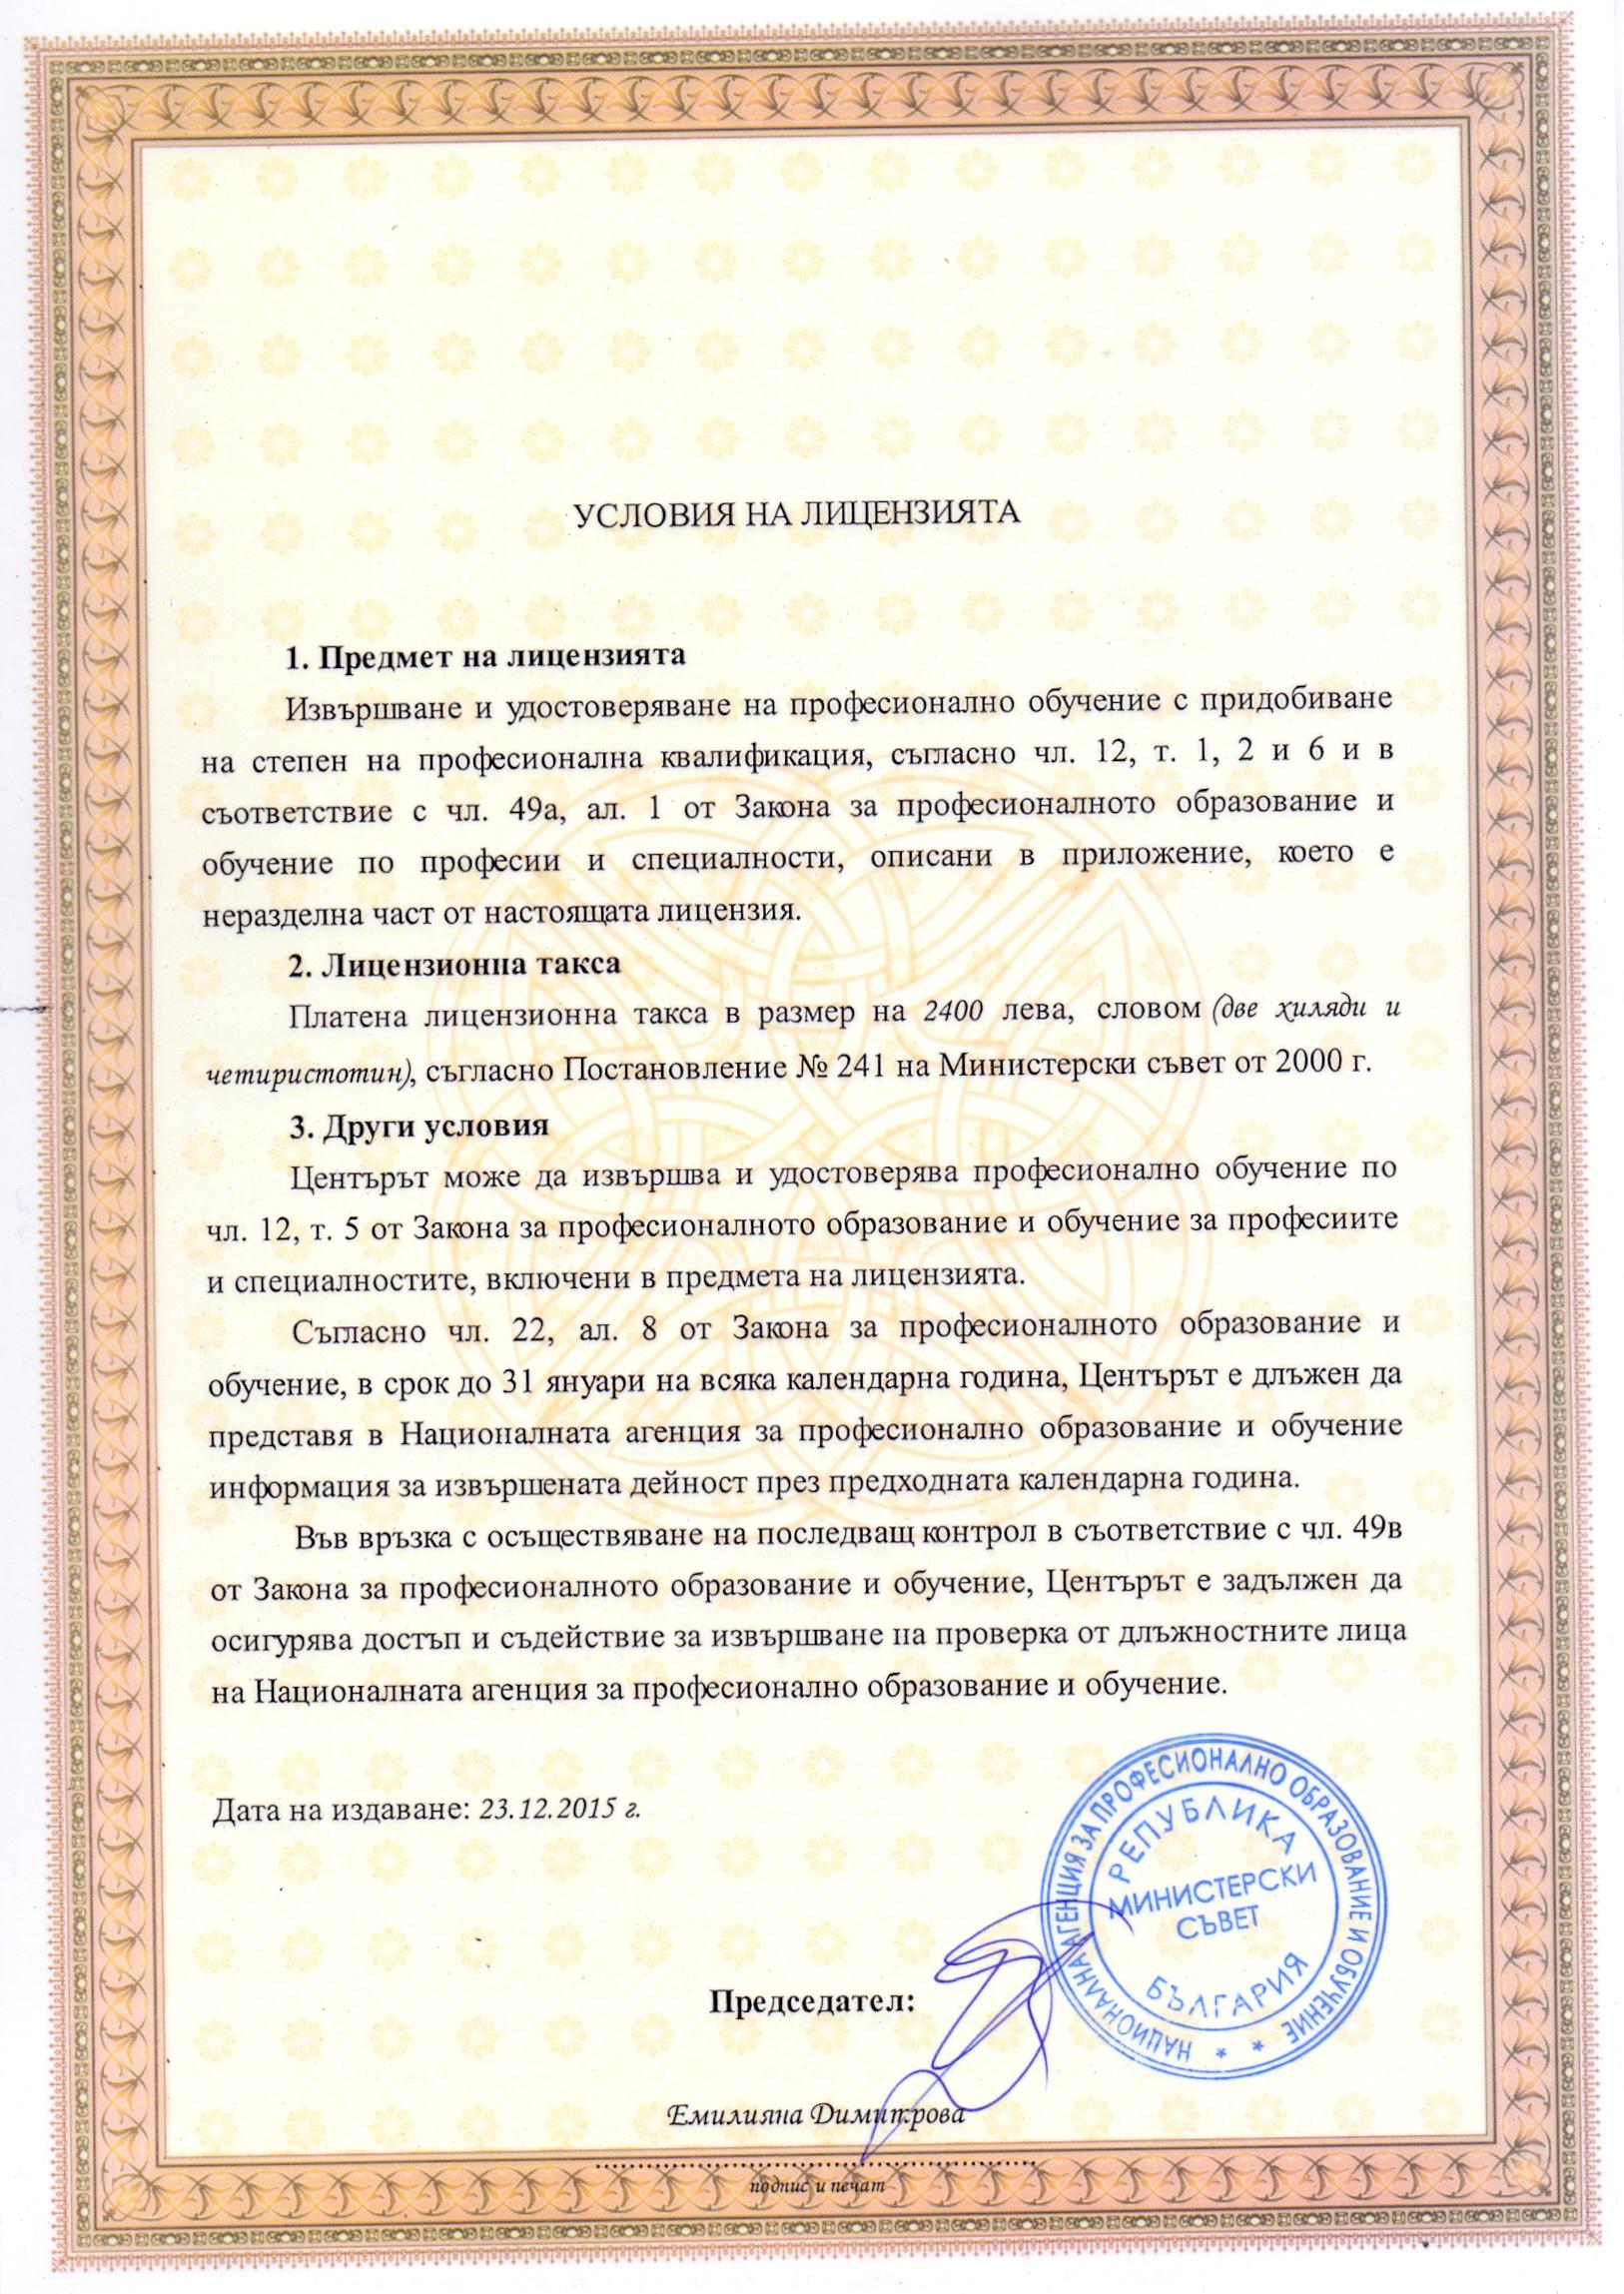 Лицензия - 2